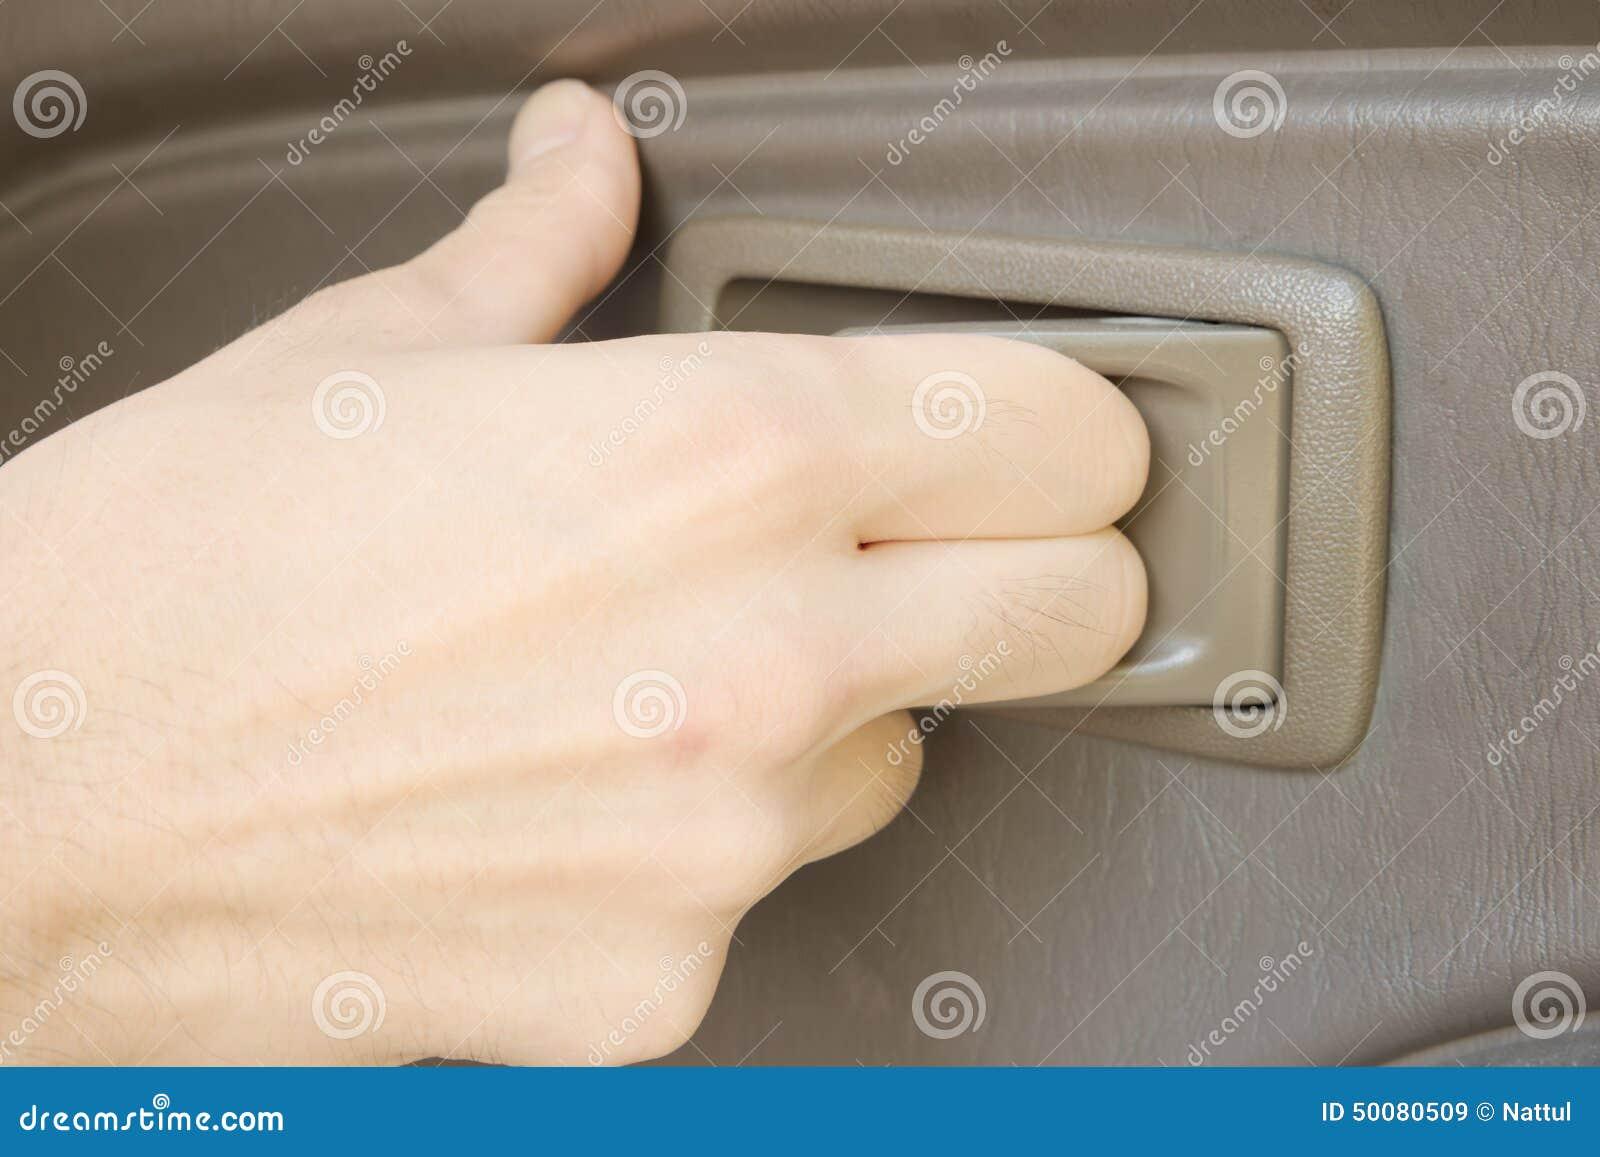 Car door handle hand Renault Male Hand Pulling Plastic Handle To Open Car Door Dreamstimecom Male Hand Pulling Plastic Handle To Open Car Door Stock Image